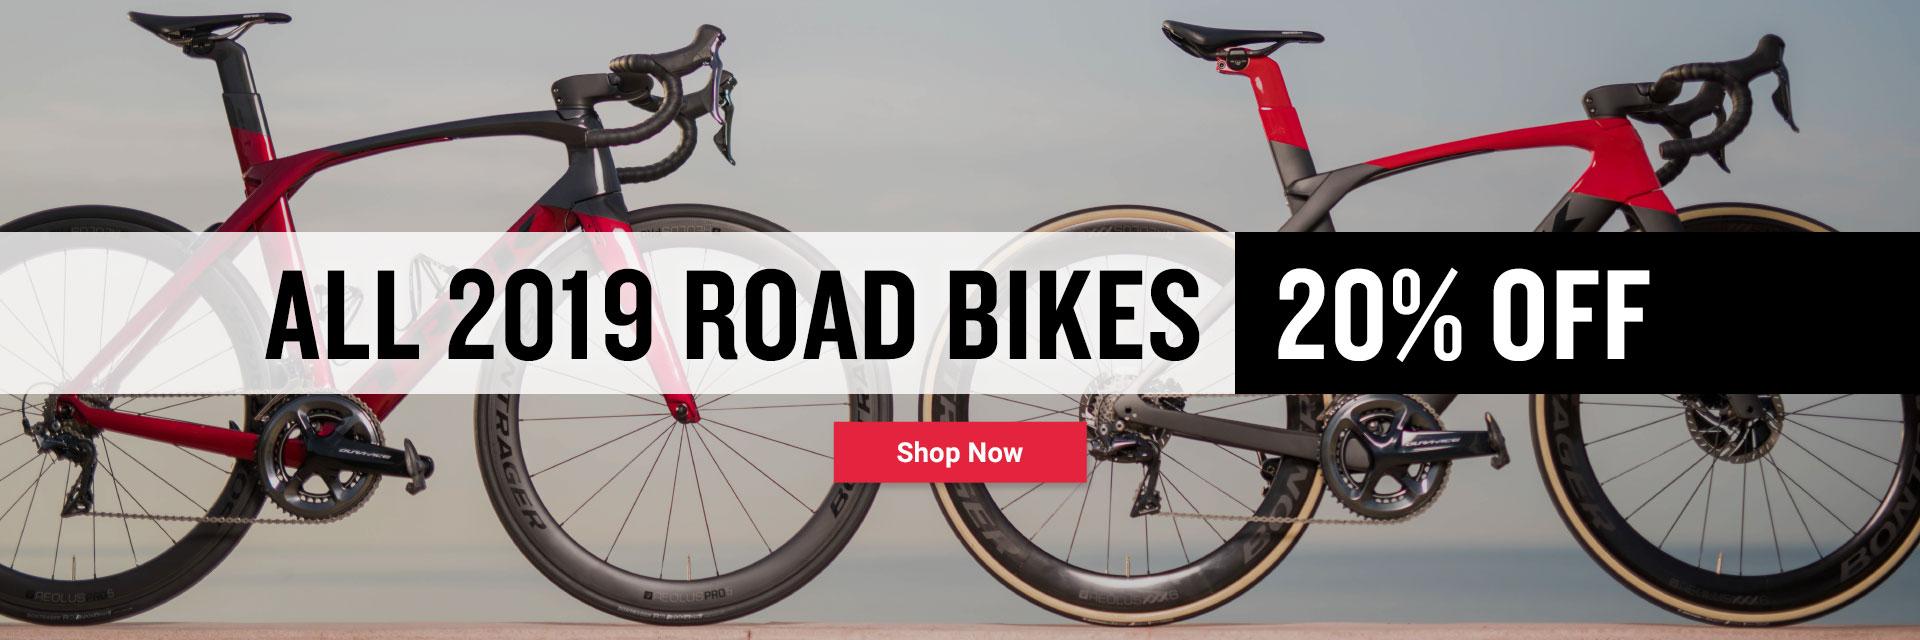 2019 road bikes on sale